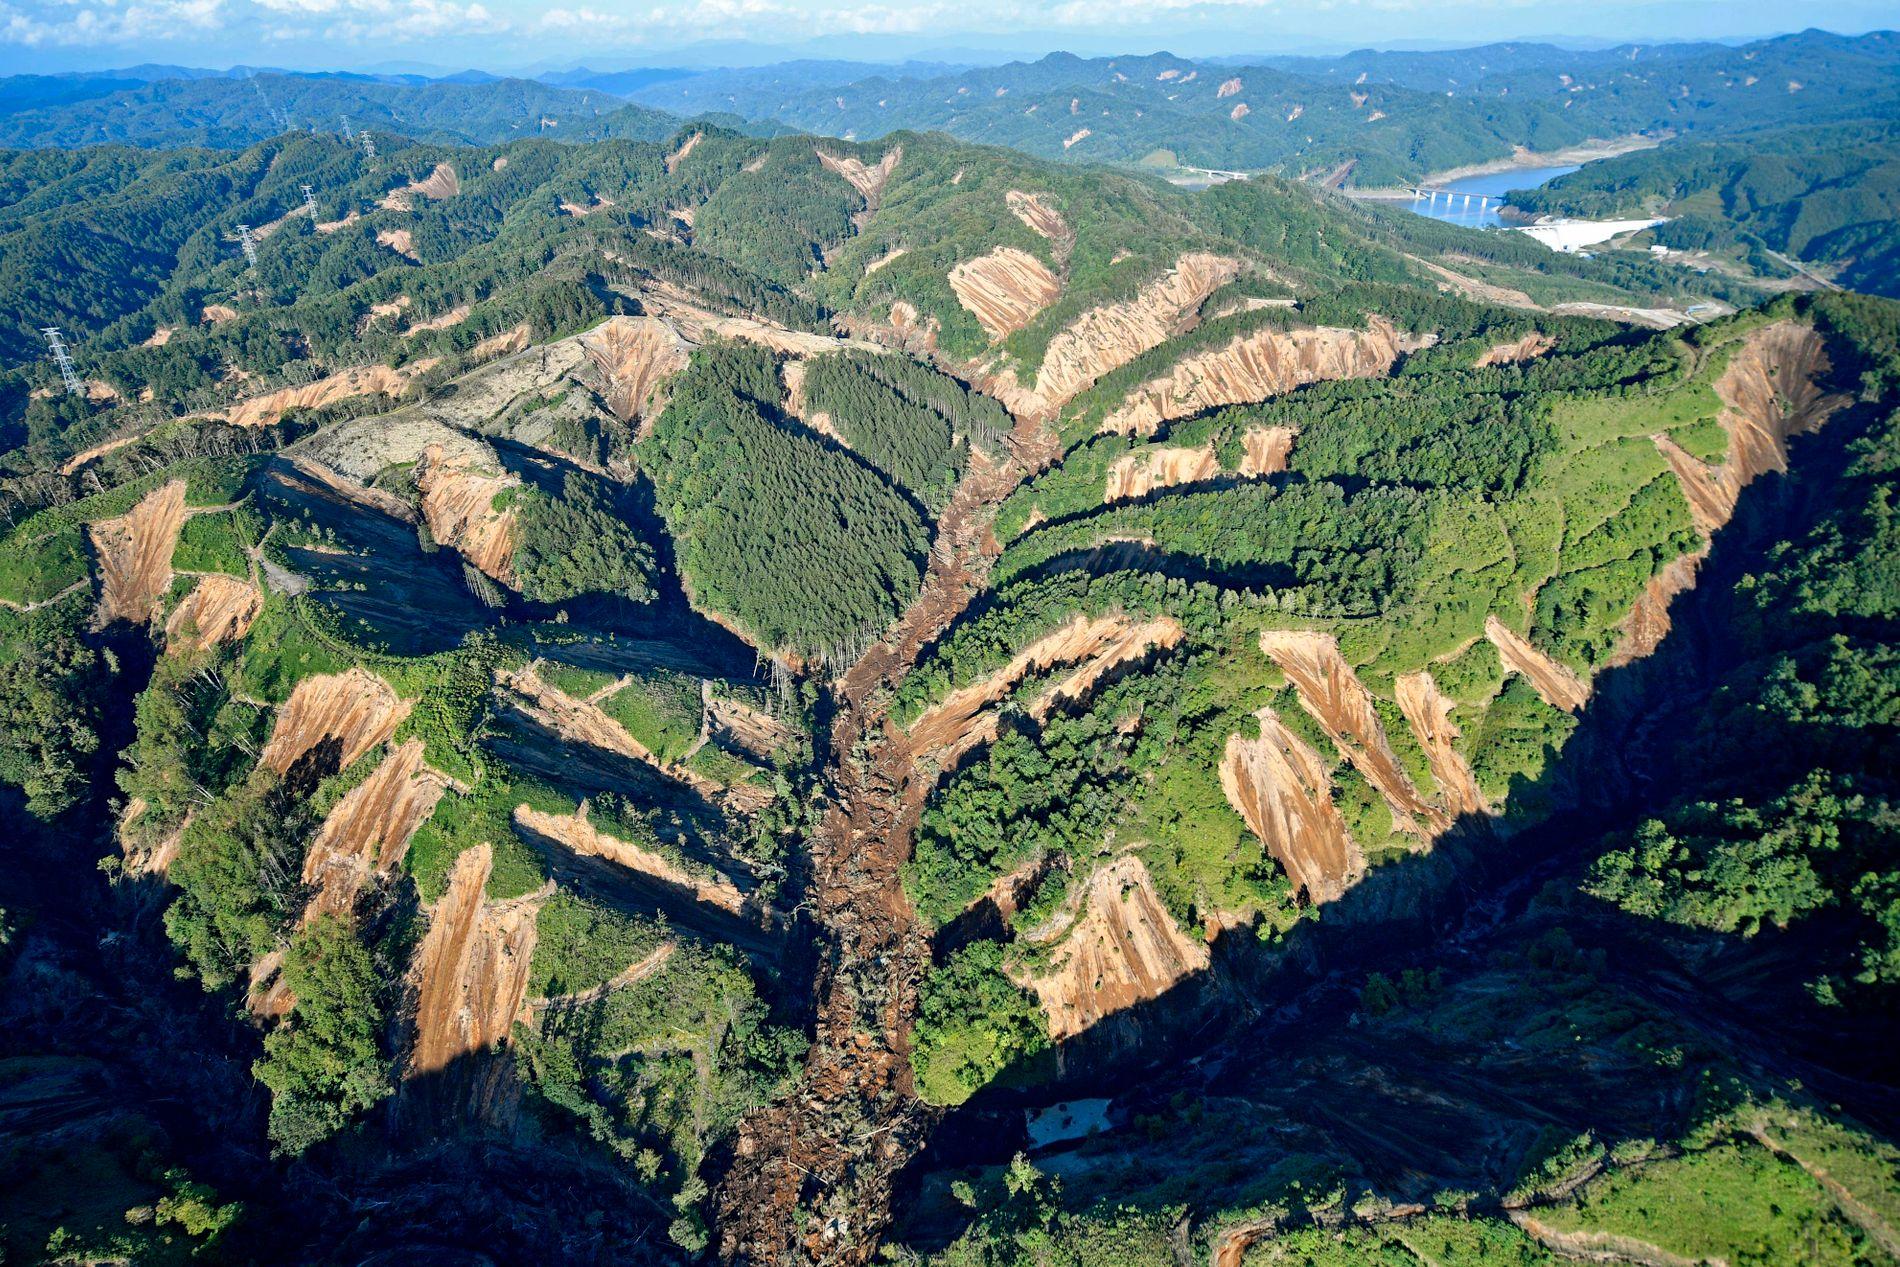 Bilder fra luften viser de mange skredene rundt og i Atsuma, utløst av skjelvet torsdag. Flere hus er begravd i jord, leire og stein.